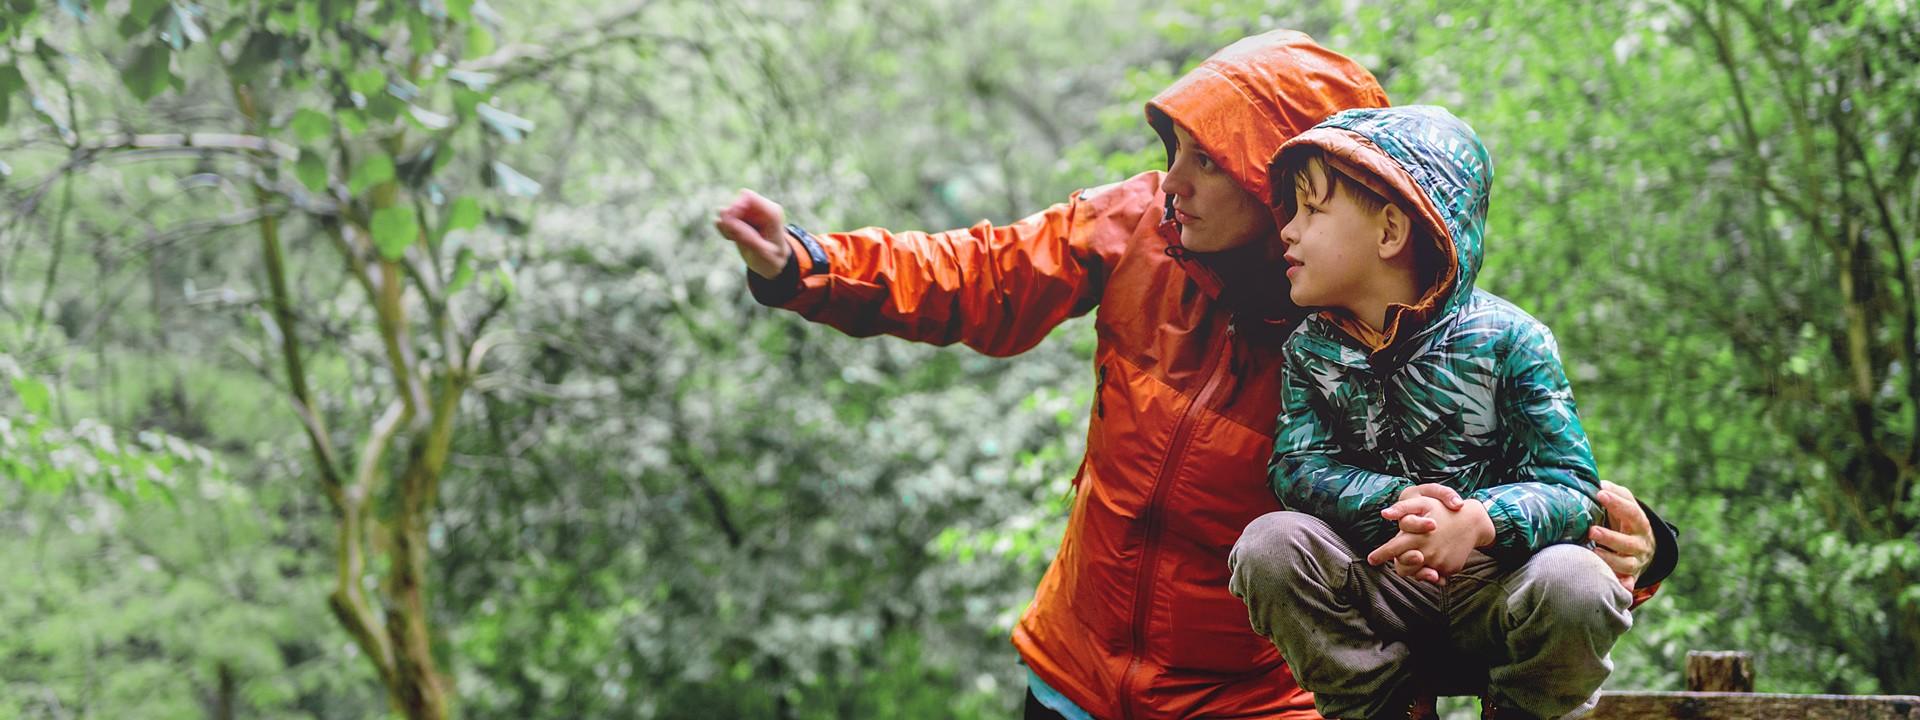 Eine etwa 40-jährige Mutter zeigt ihrem etwa 6-jährigen Sohn etwas mit Regenkleidung im Wald.